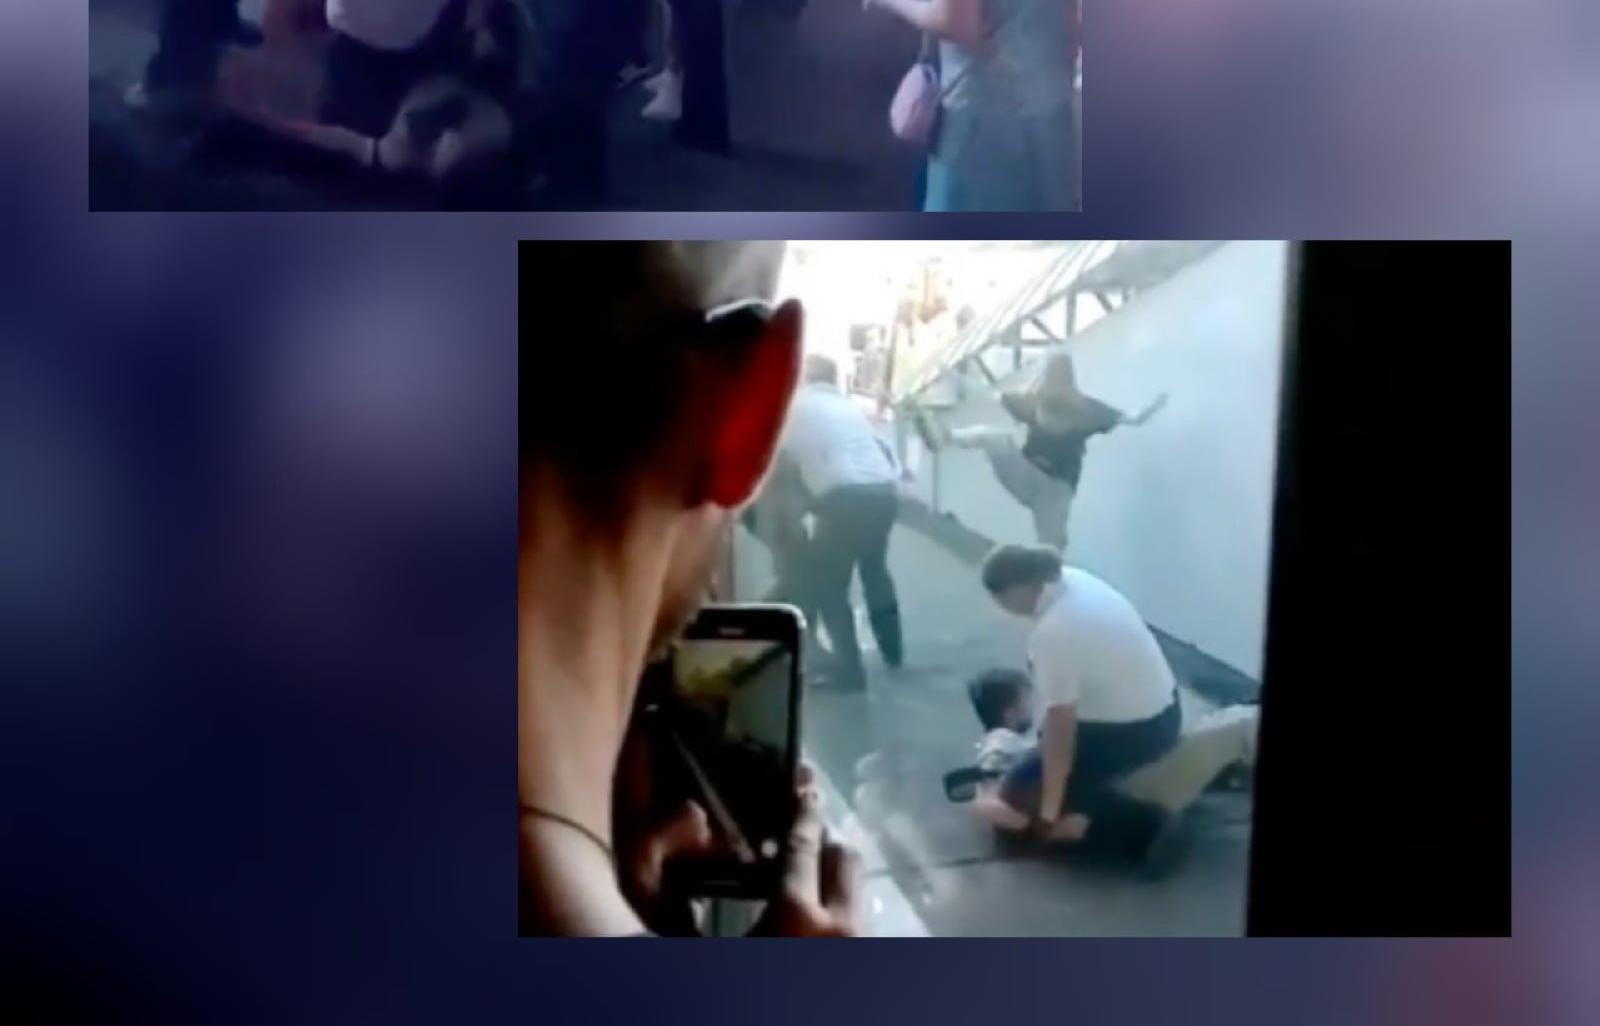 В электричке Москва — Тверь безбилетники распылили перцовый баллончик и напали на контролеров / фото, видео - новости Афанасий